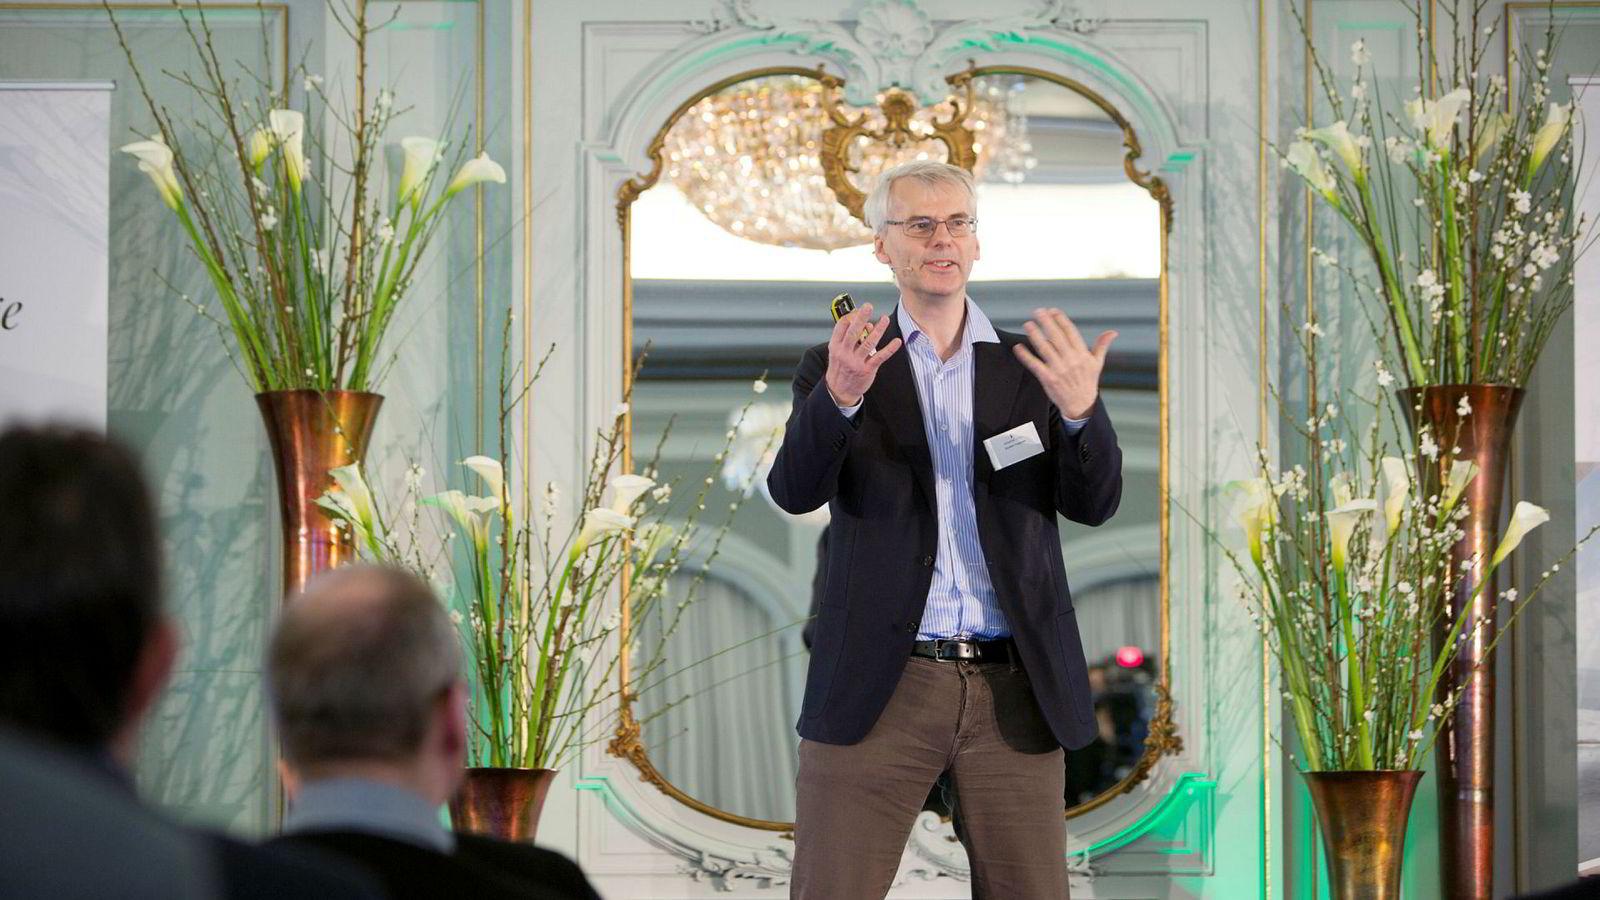 NHH-rektor Øystein Thøgersen sier at interessen har vært stor for det nye masterprogrammet, som er det første i sitt slag i Norge.